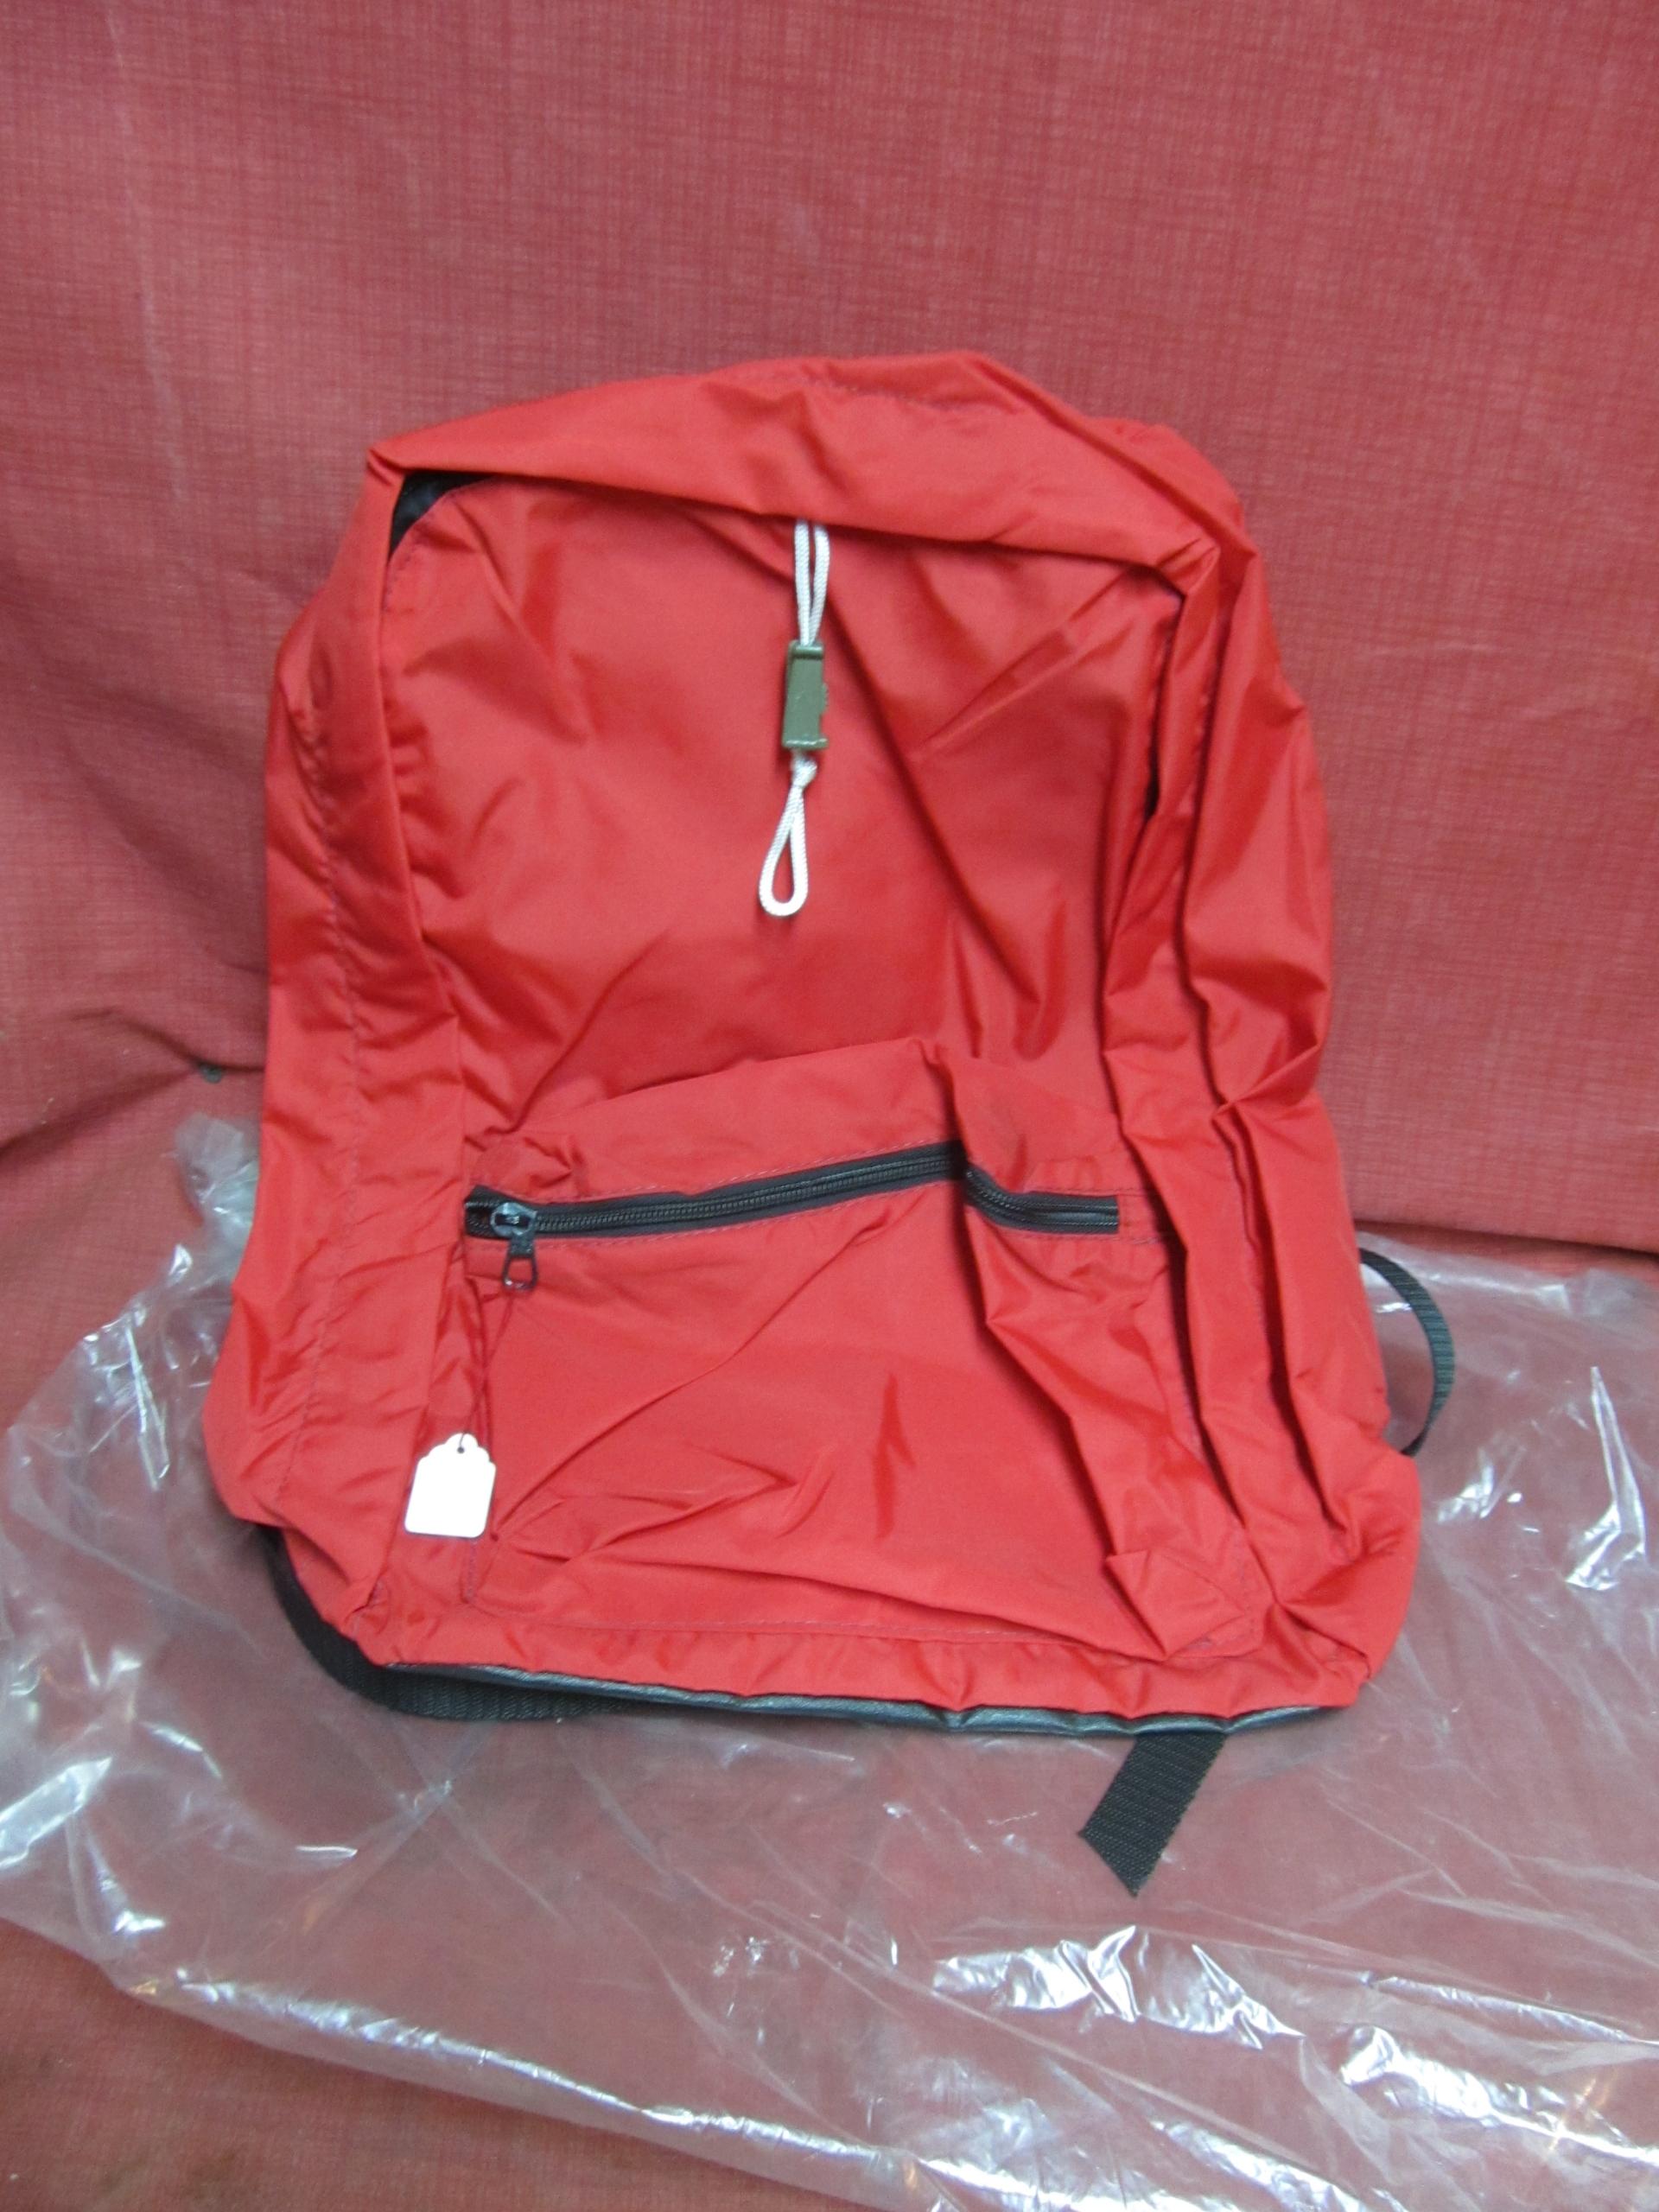 BLIZZARD Plecak dla dziecka wys 40 cm szer 30cm